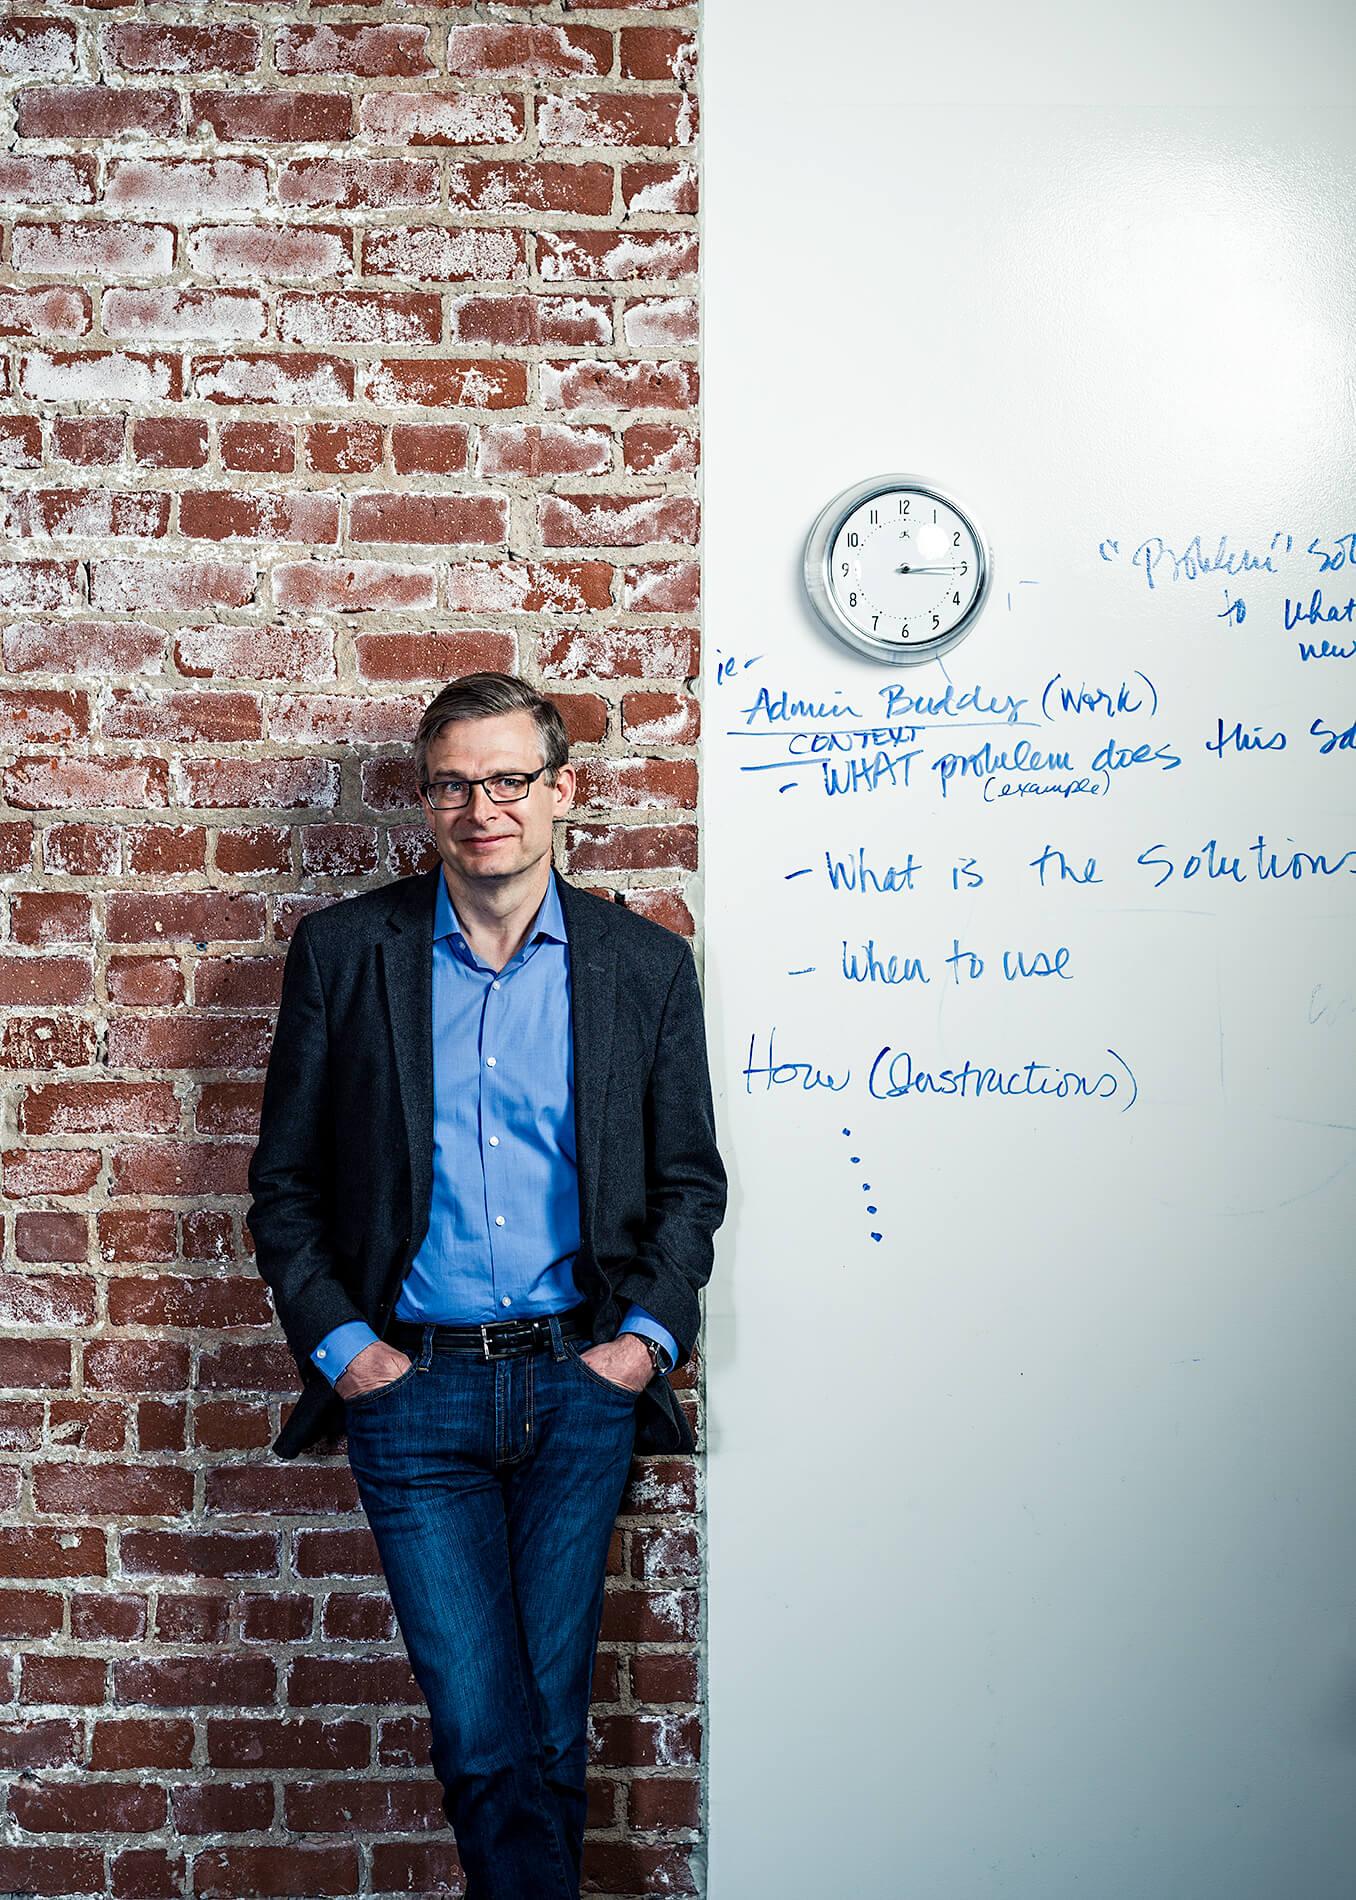 Geoff Brigham of Wikimedia Foundation